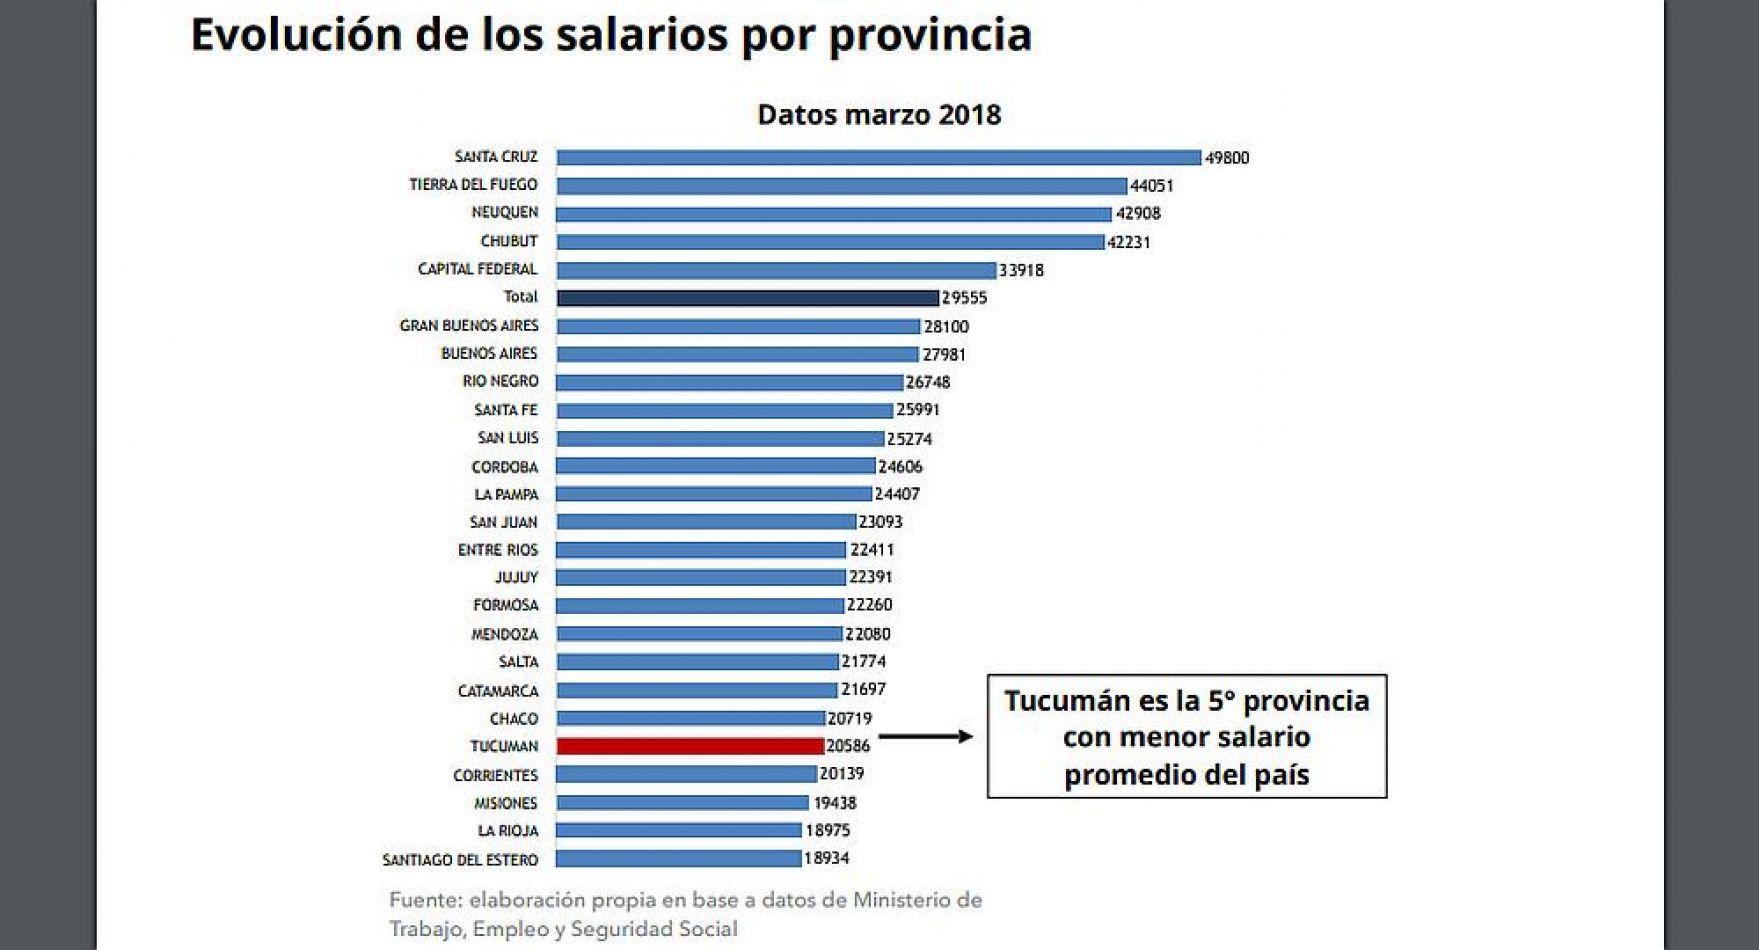 Los trabajadores patagónicos lideran el ranking salarial argentino